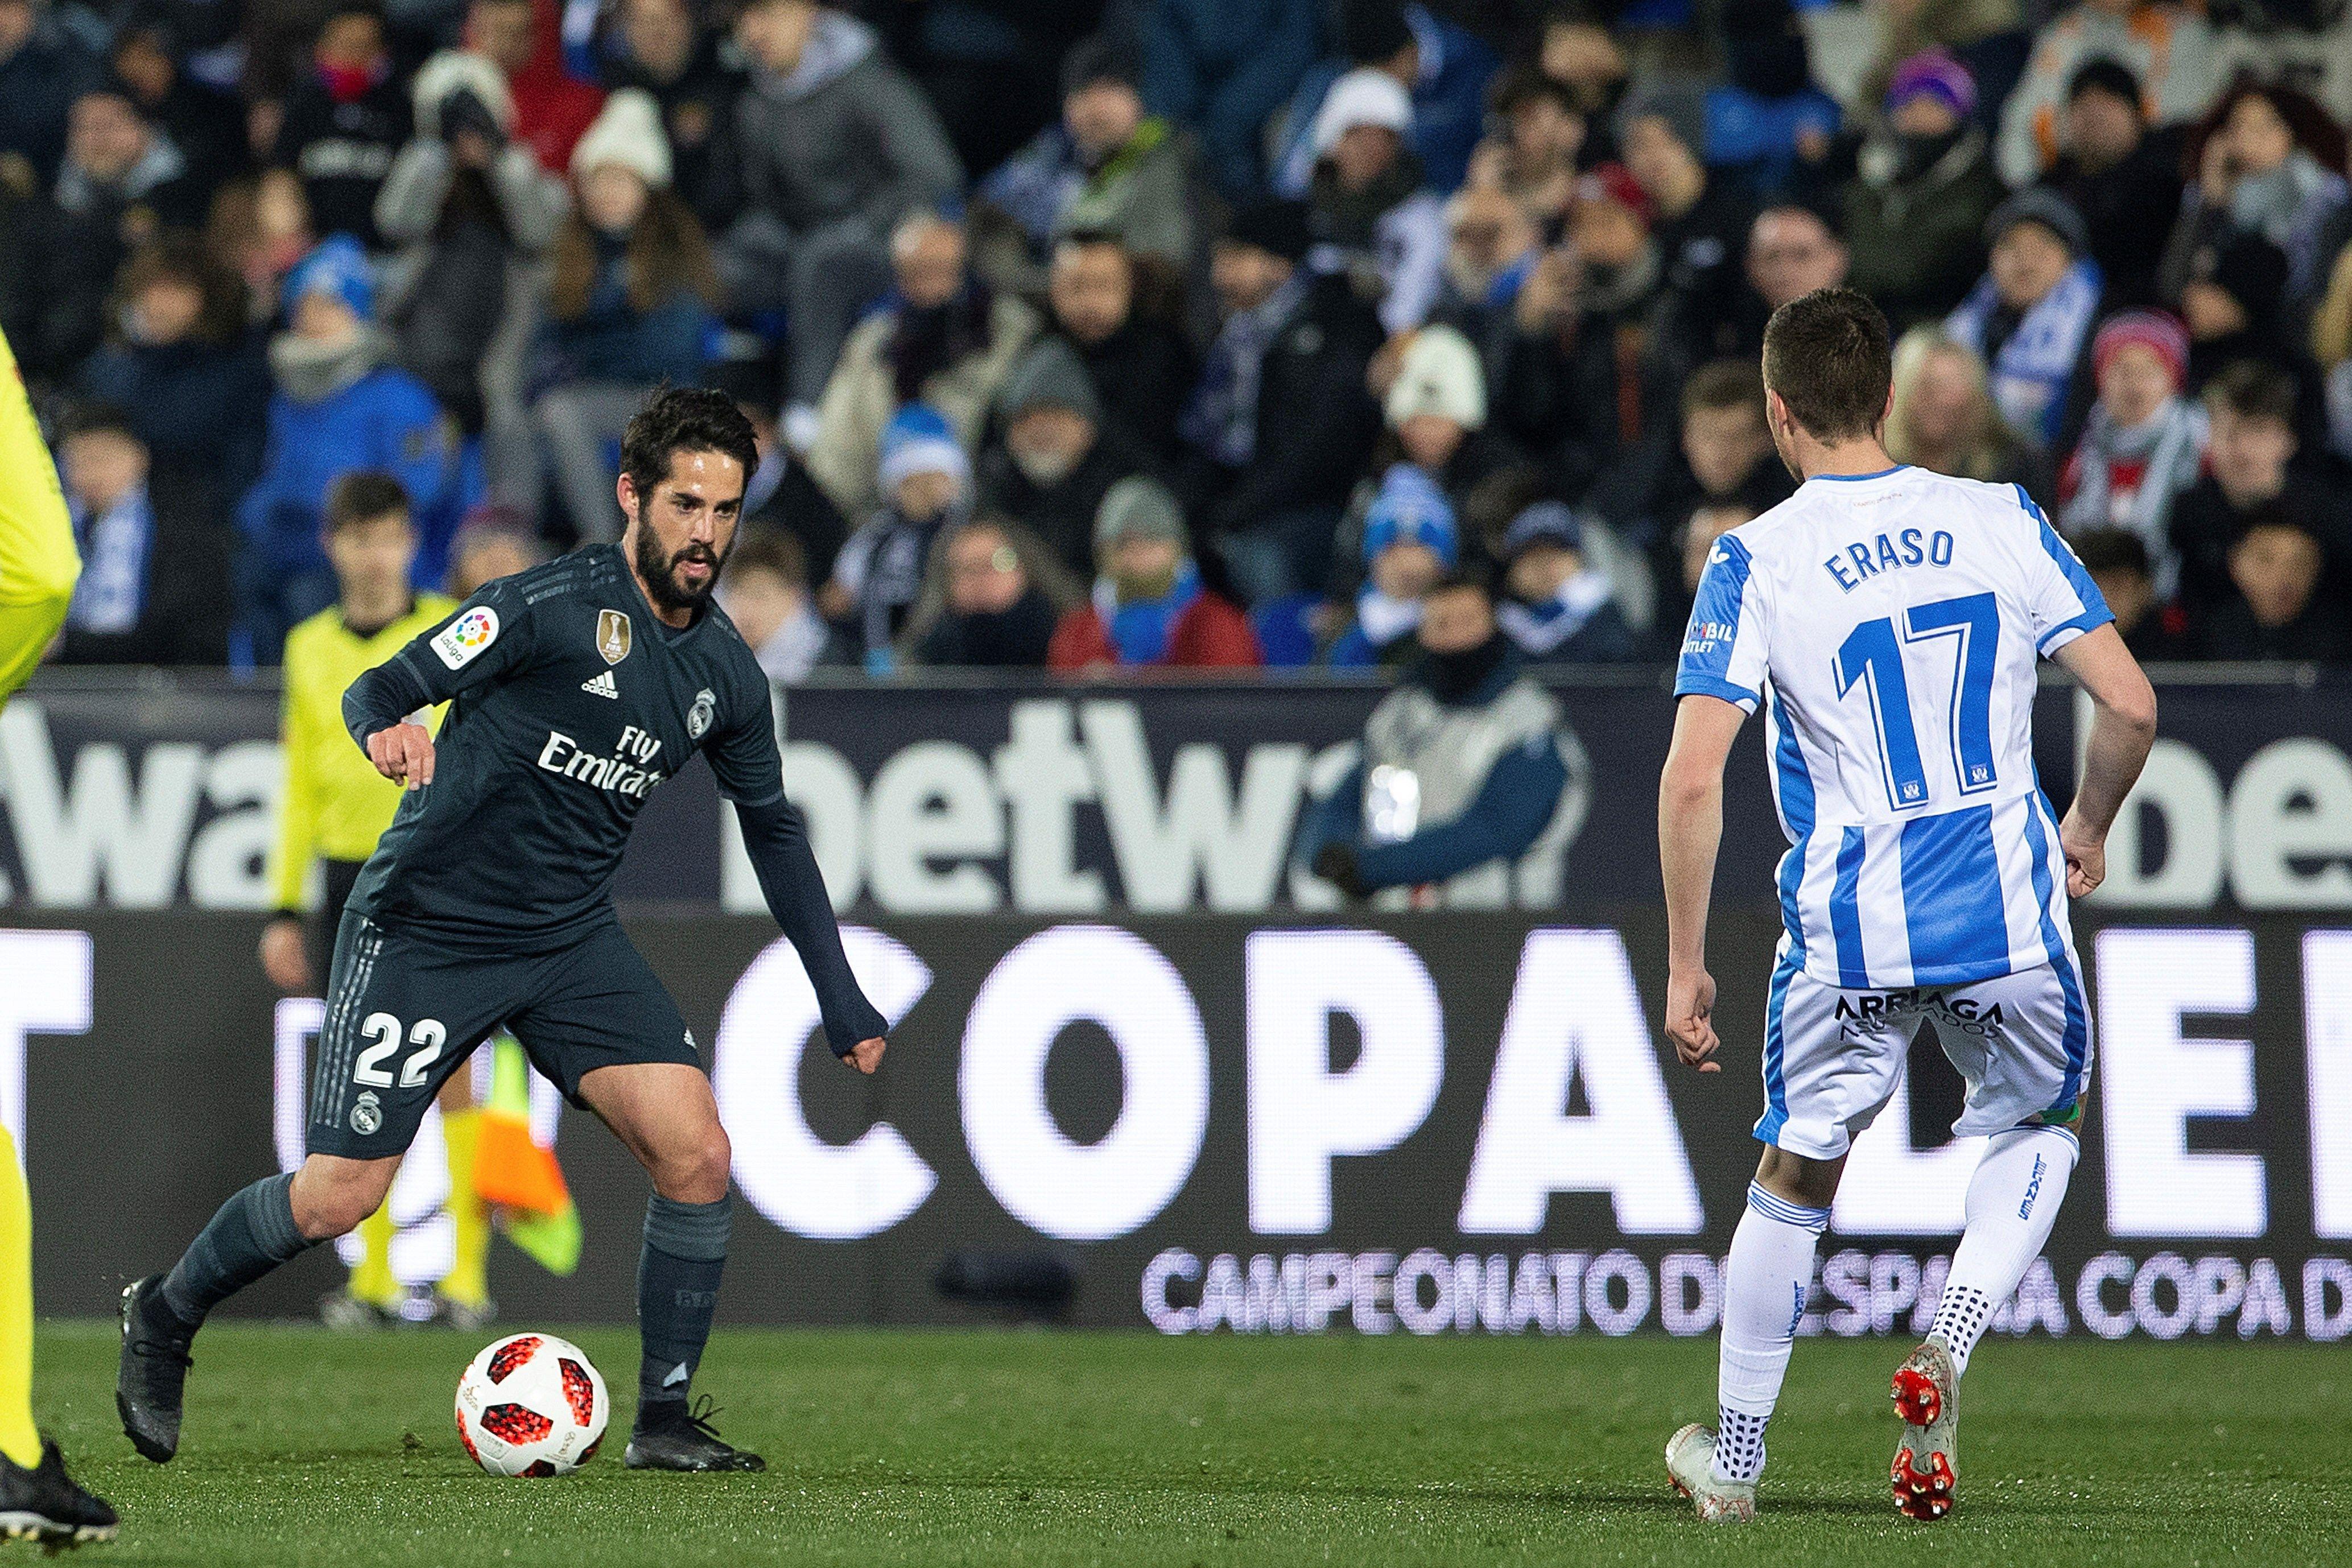 """El centrocampista del Real Madrid Francisco Alarcon """"Isco"""" (i) controla el balón frente a Javier Eraso, del CD Leganés, durante el partido de vuelta de octavos de final de la Copa del Rey. (Foto Prensa Libre: EFE)"""